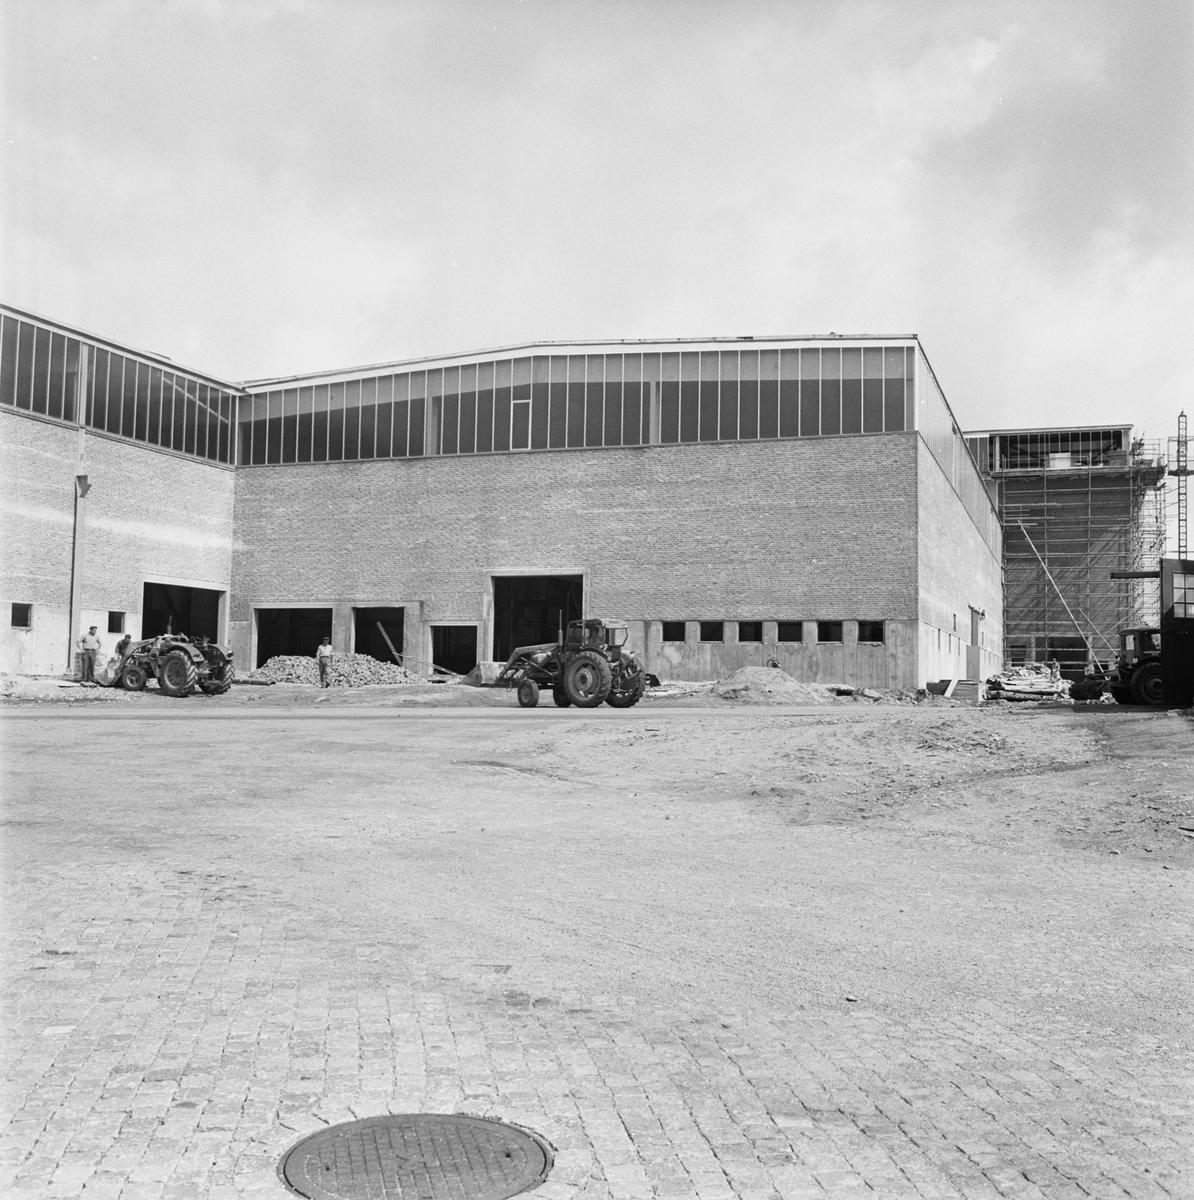 Övrigt: Fotodatum 19/8 1963 Byggnader och Kranar Nyb. området. ext